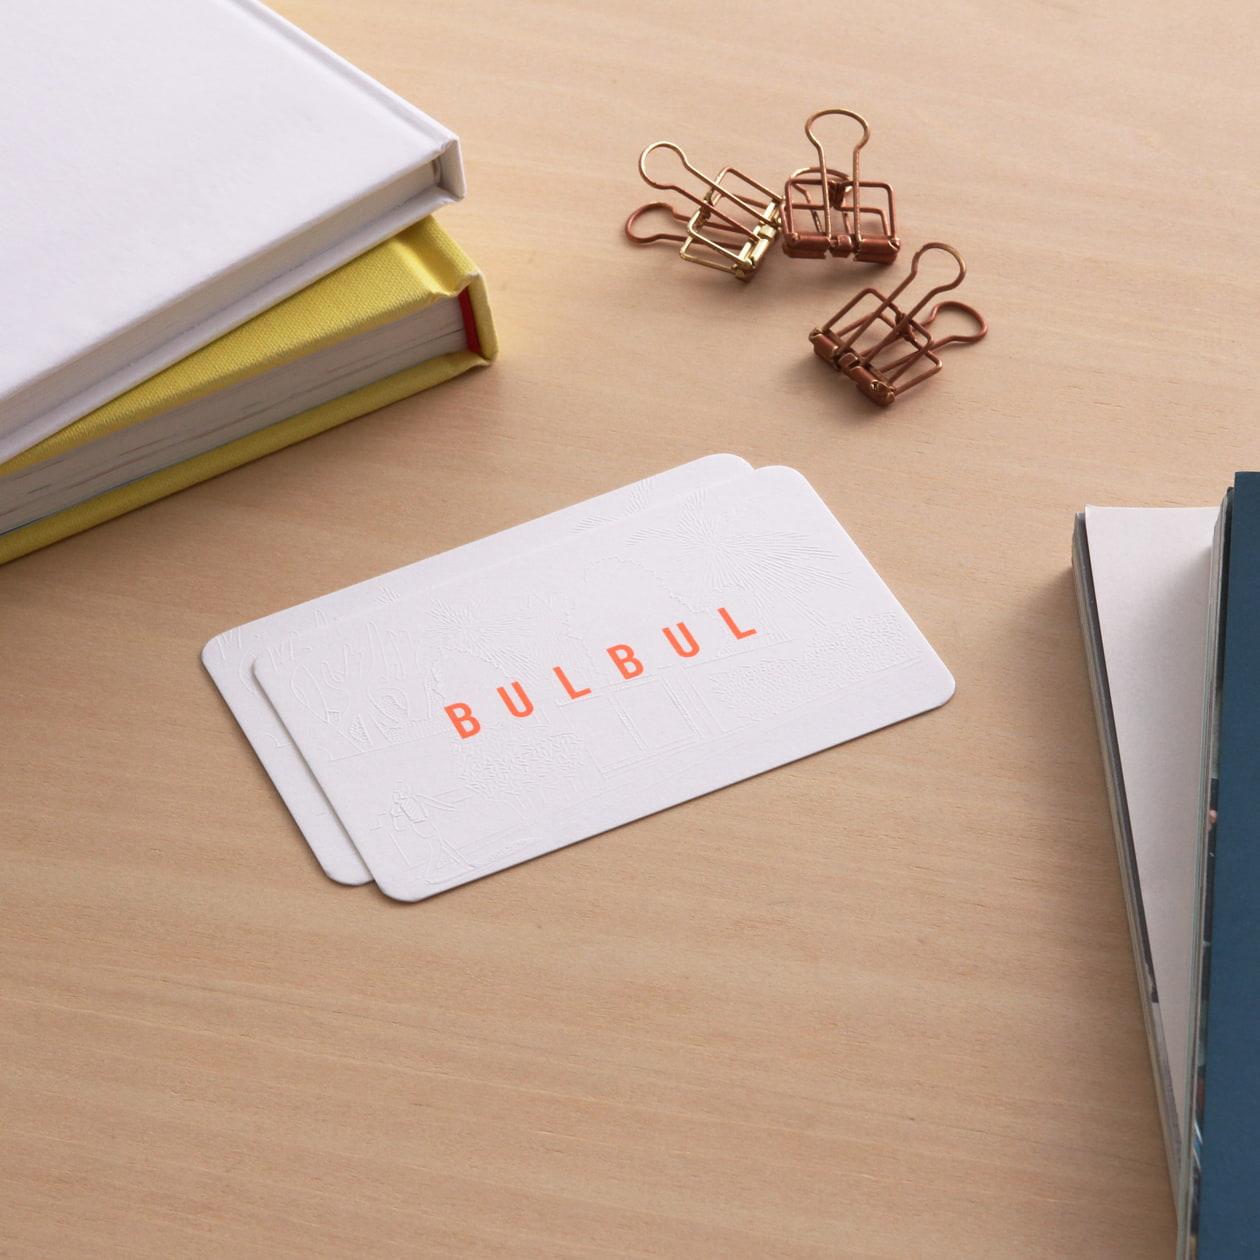 ステーショナリーショップのカード